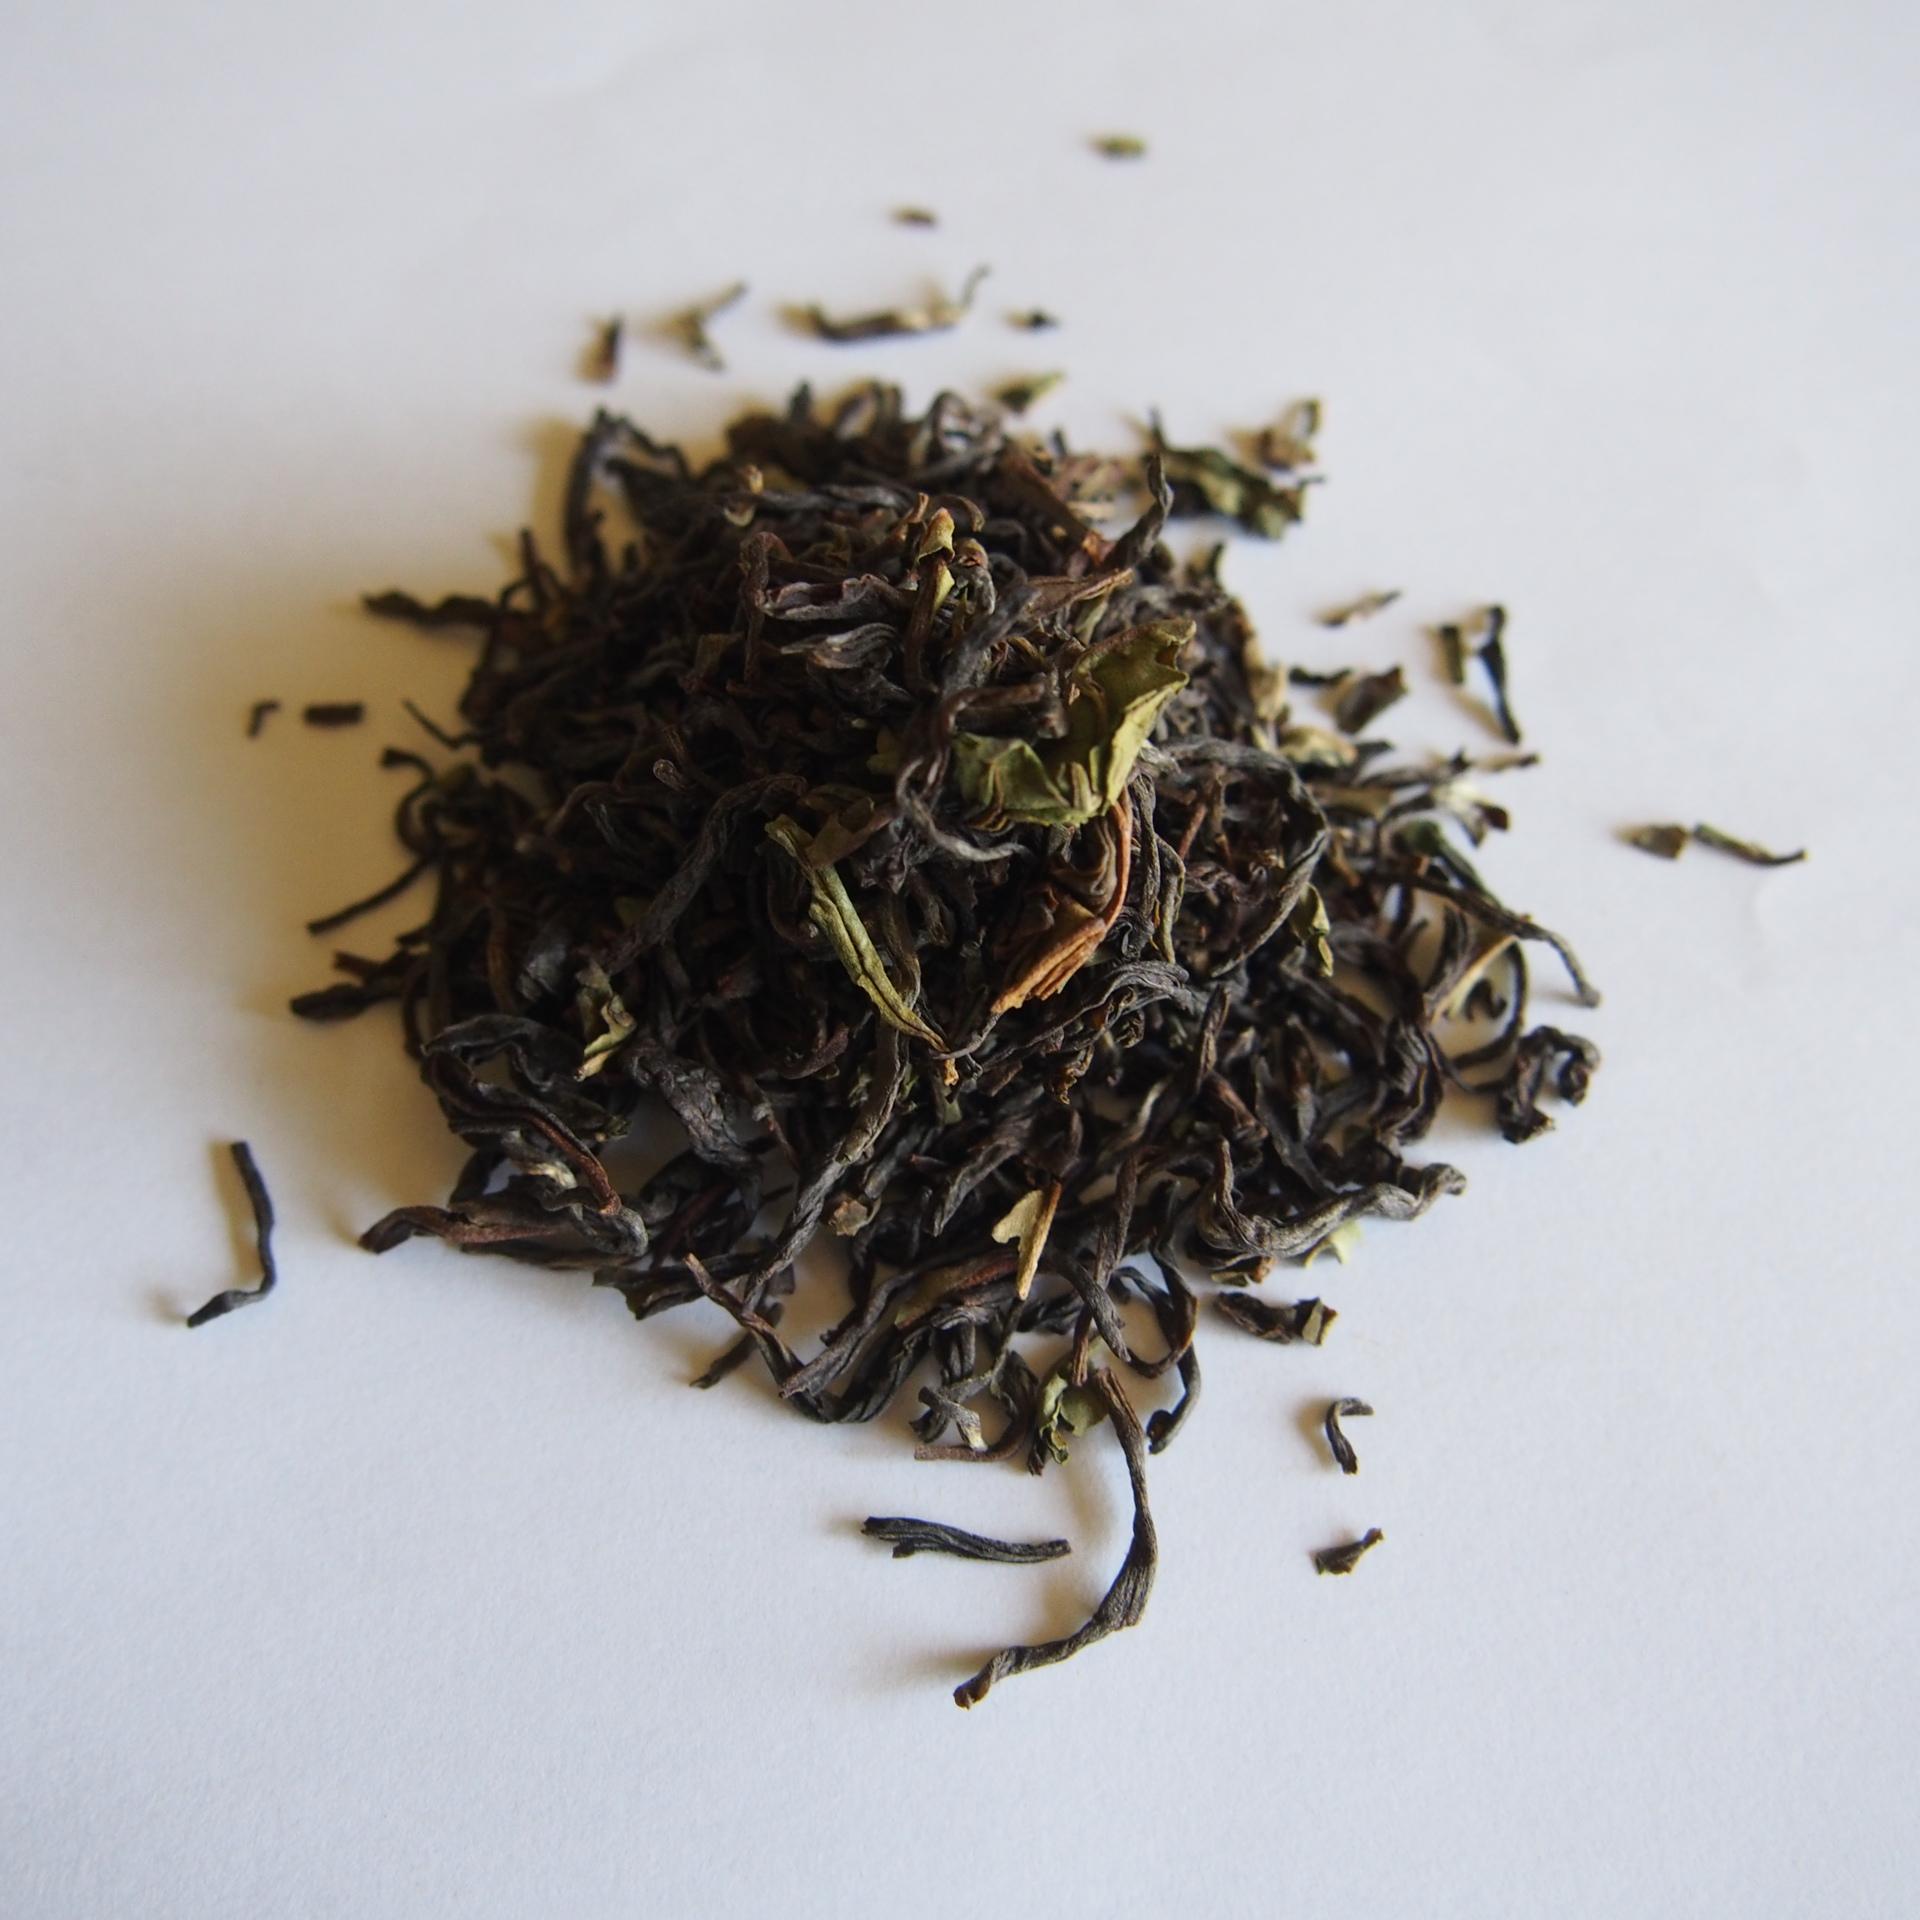 【華やかな香り】ニルギリ ウインターフロスト(カイルベッタ茶園)